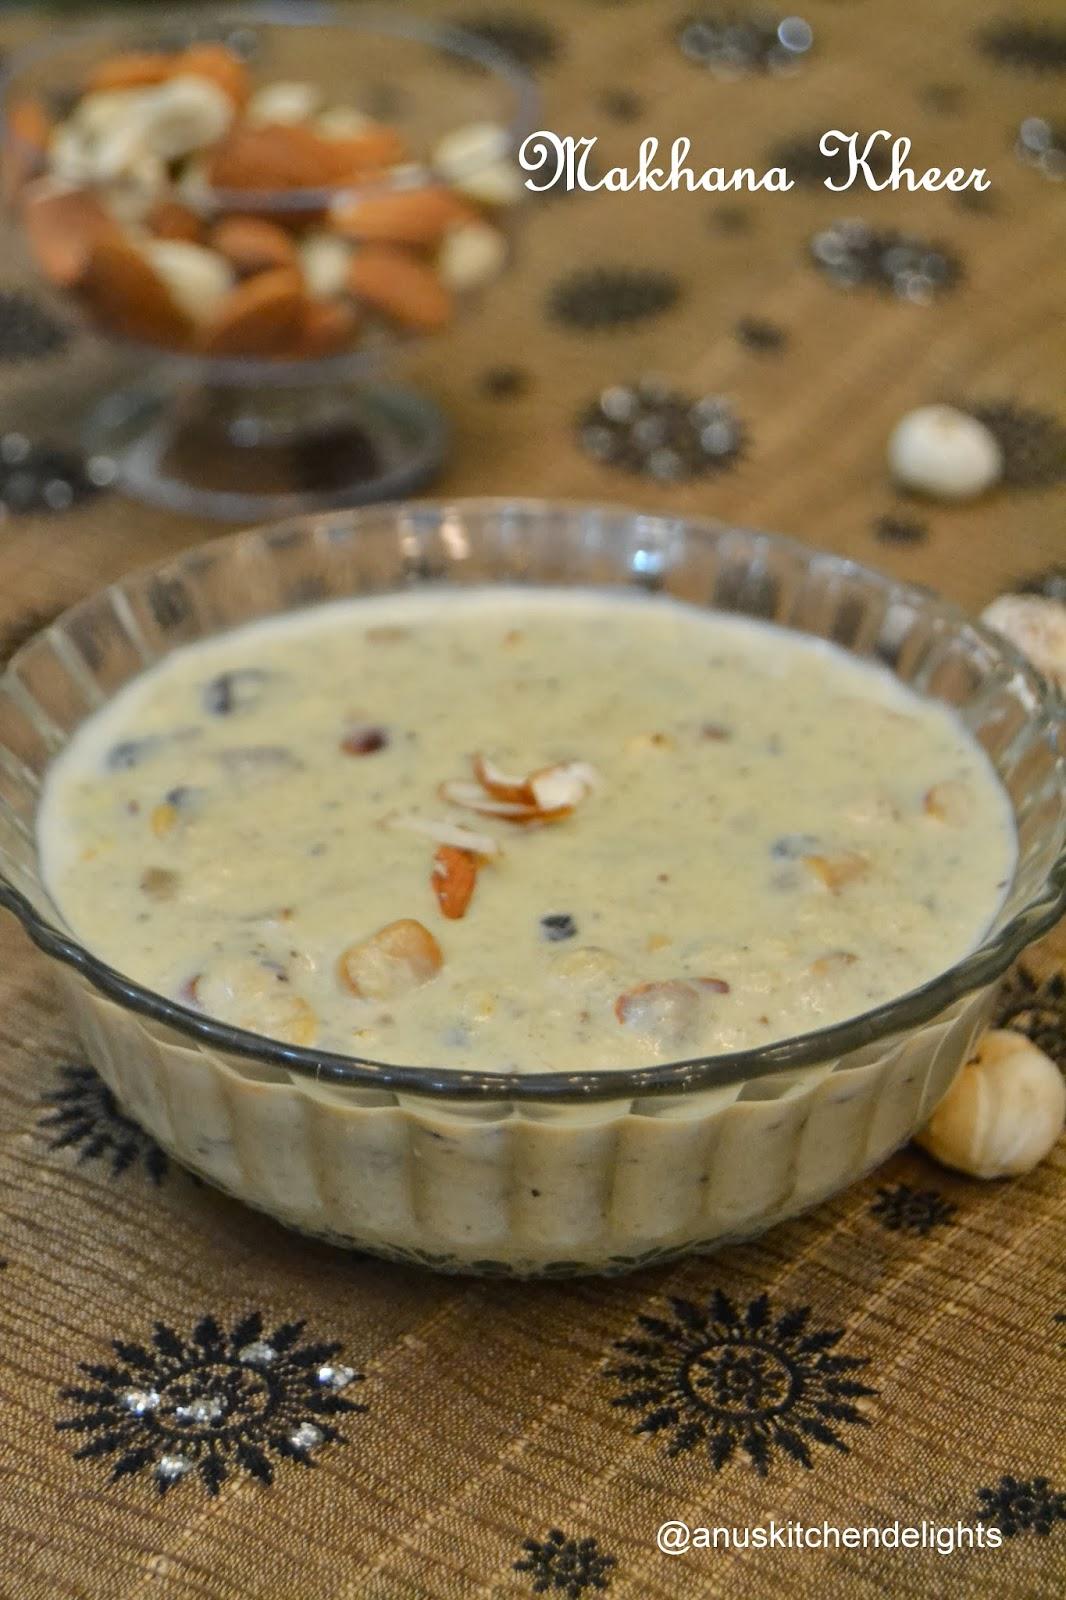 Makhana kheer recipe